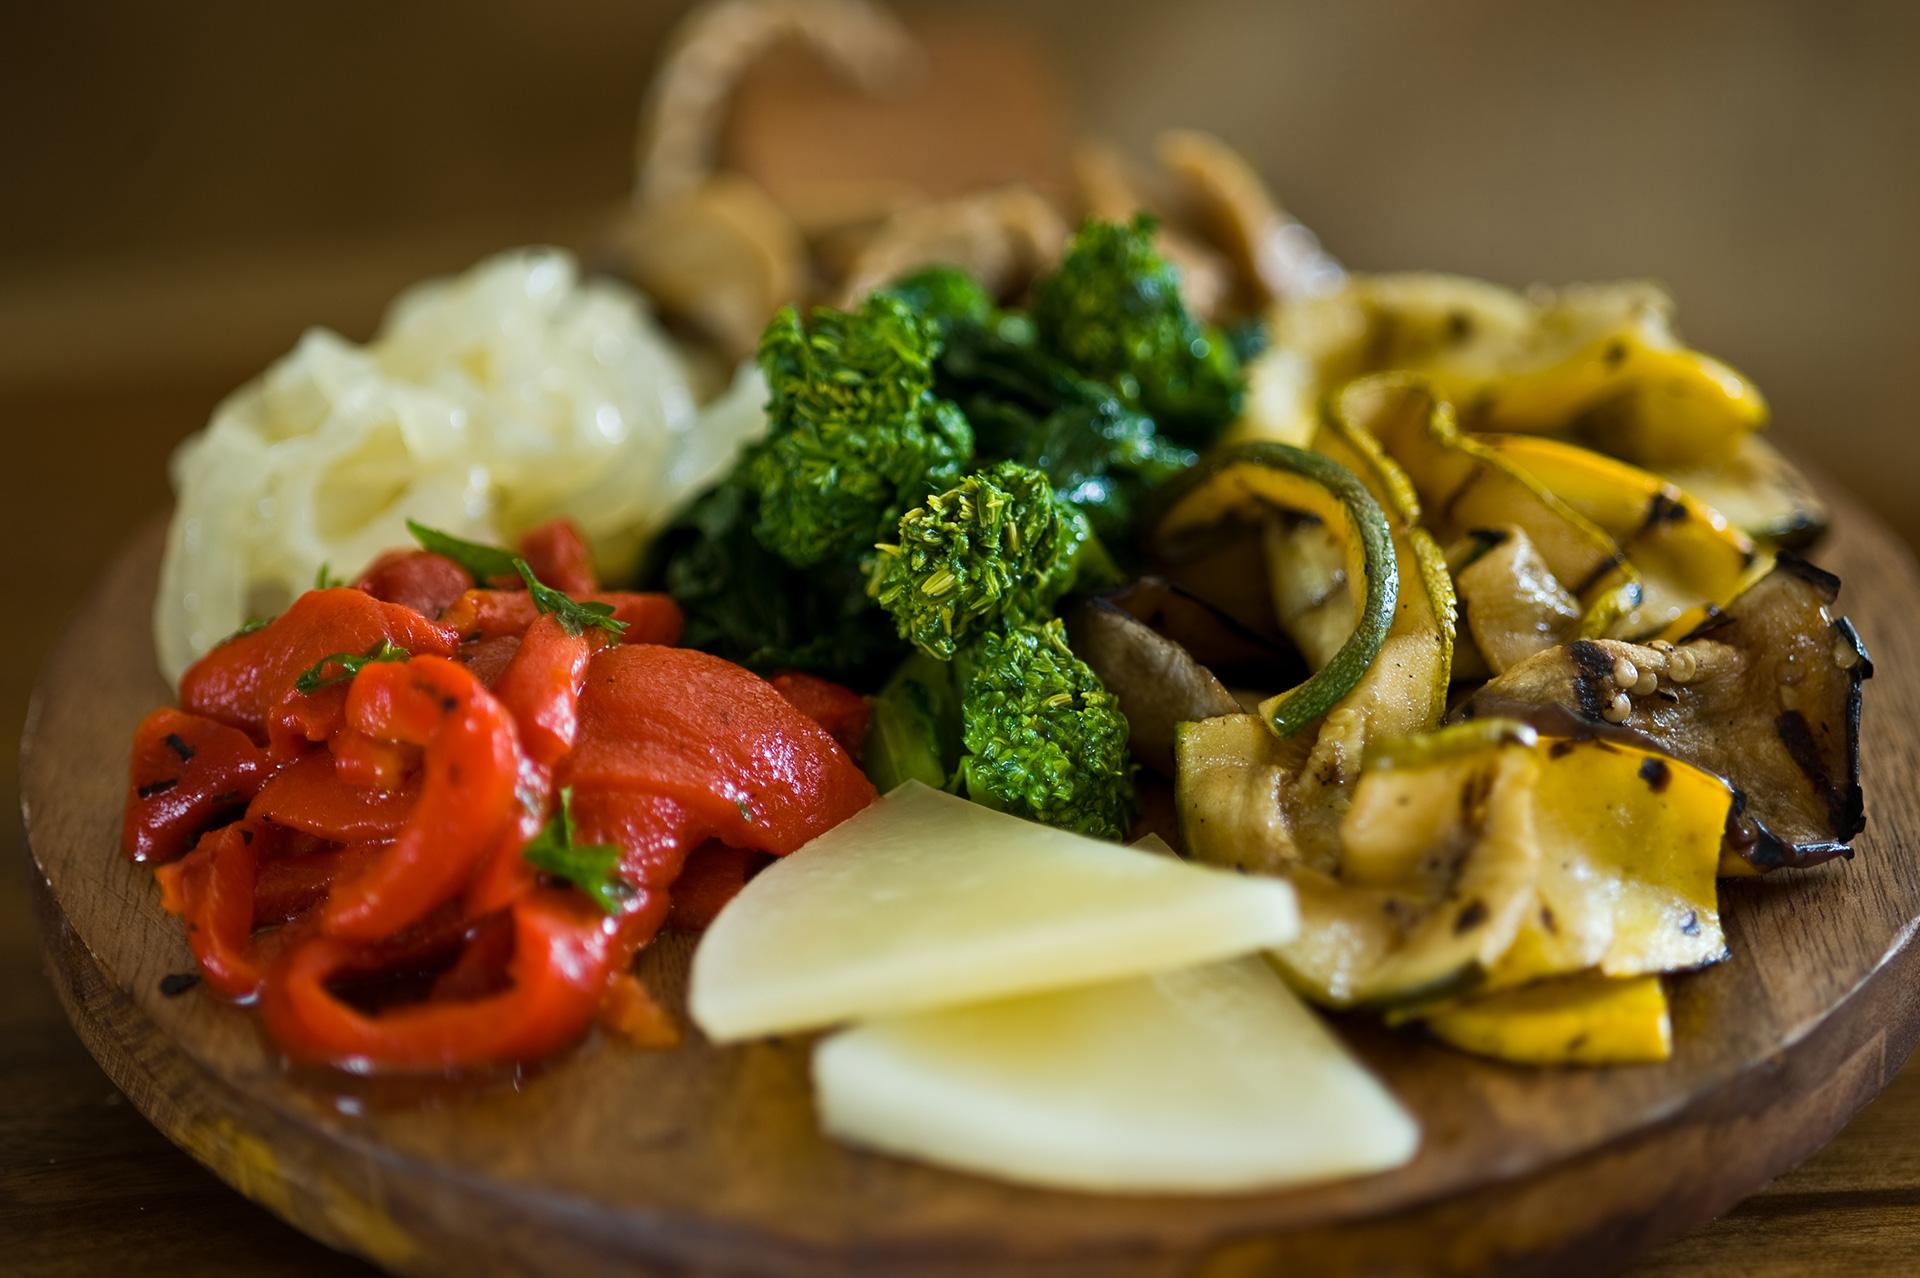 panino-veggies-1920x1278